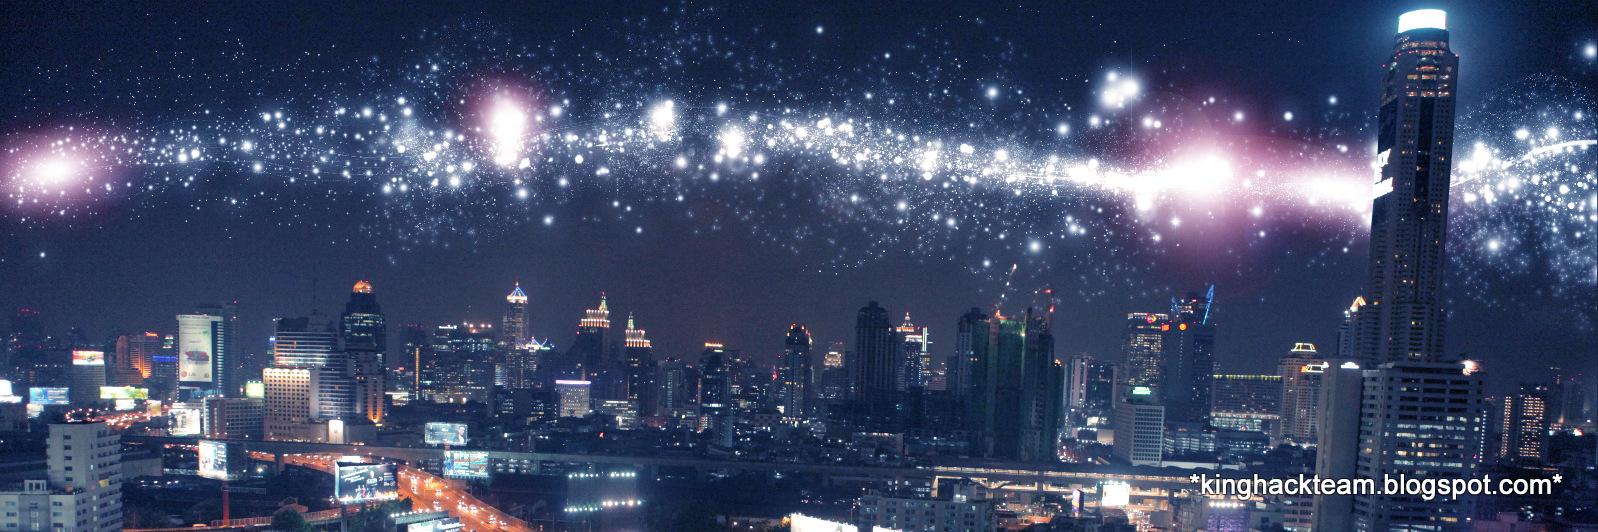 Video dünyanın en dijital şehirleri sıralaması 2012